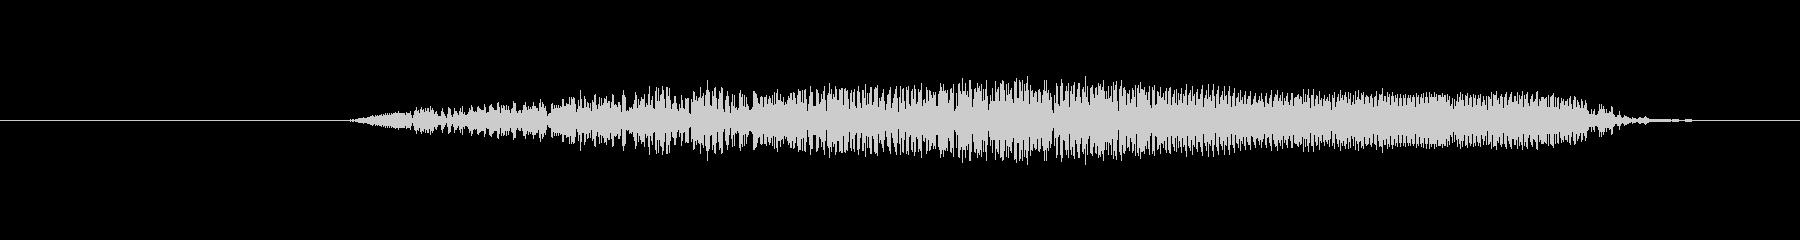 鳥 フクロウの叫び02の未再生の波形